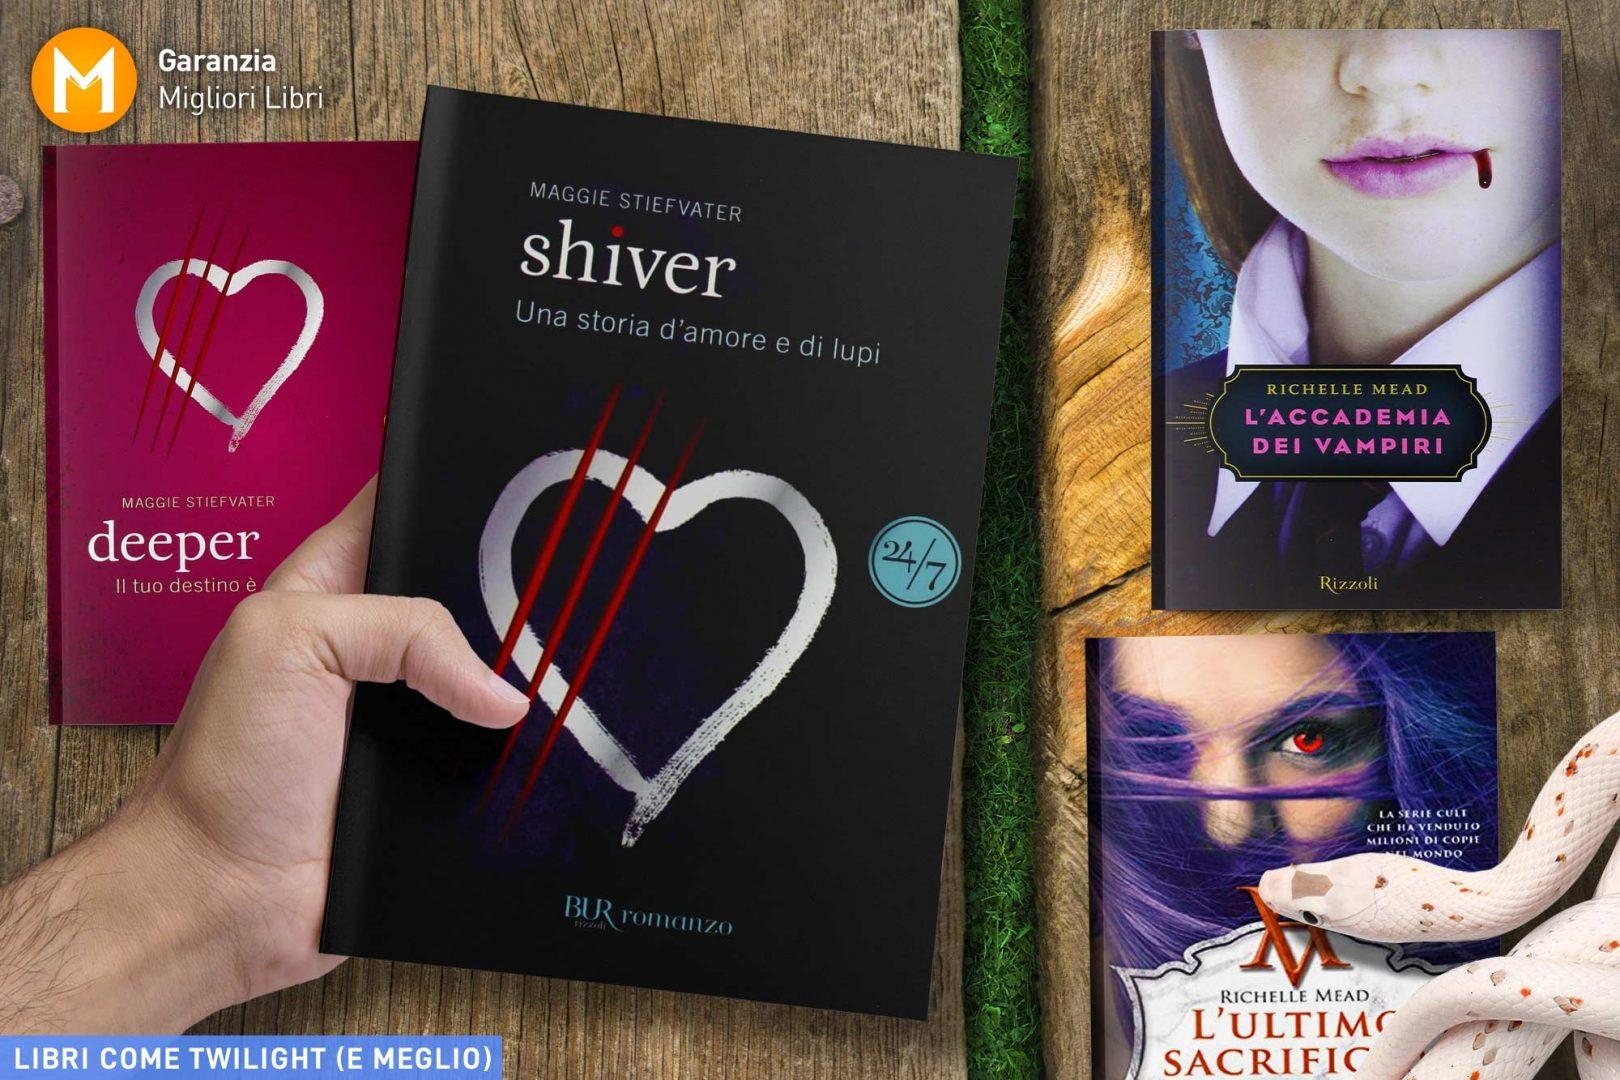 libri-come-twilight